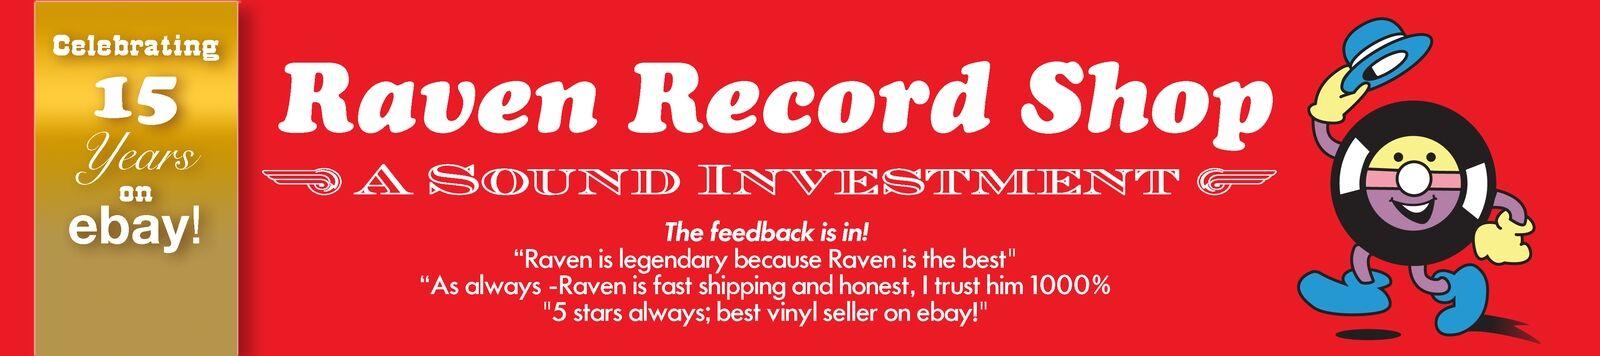 Raven Record Shop